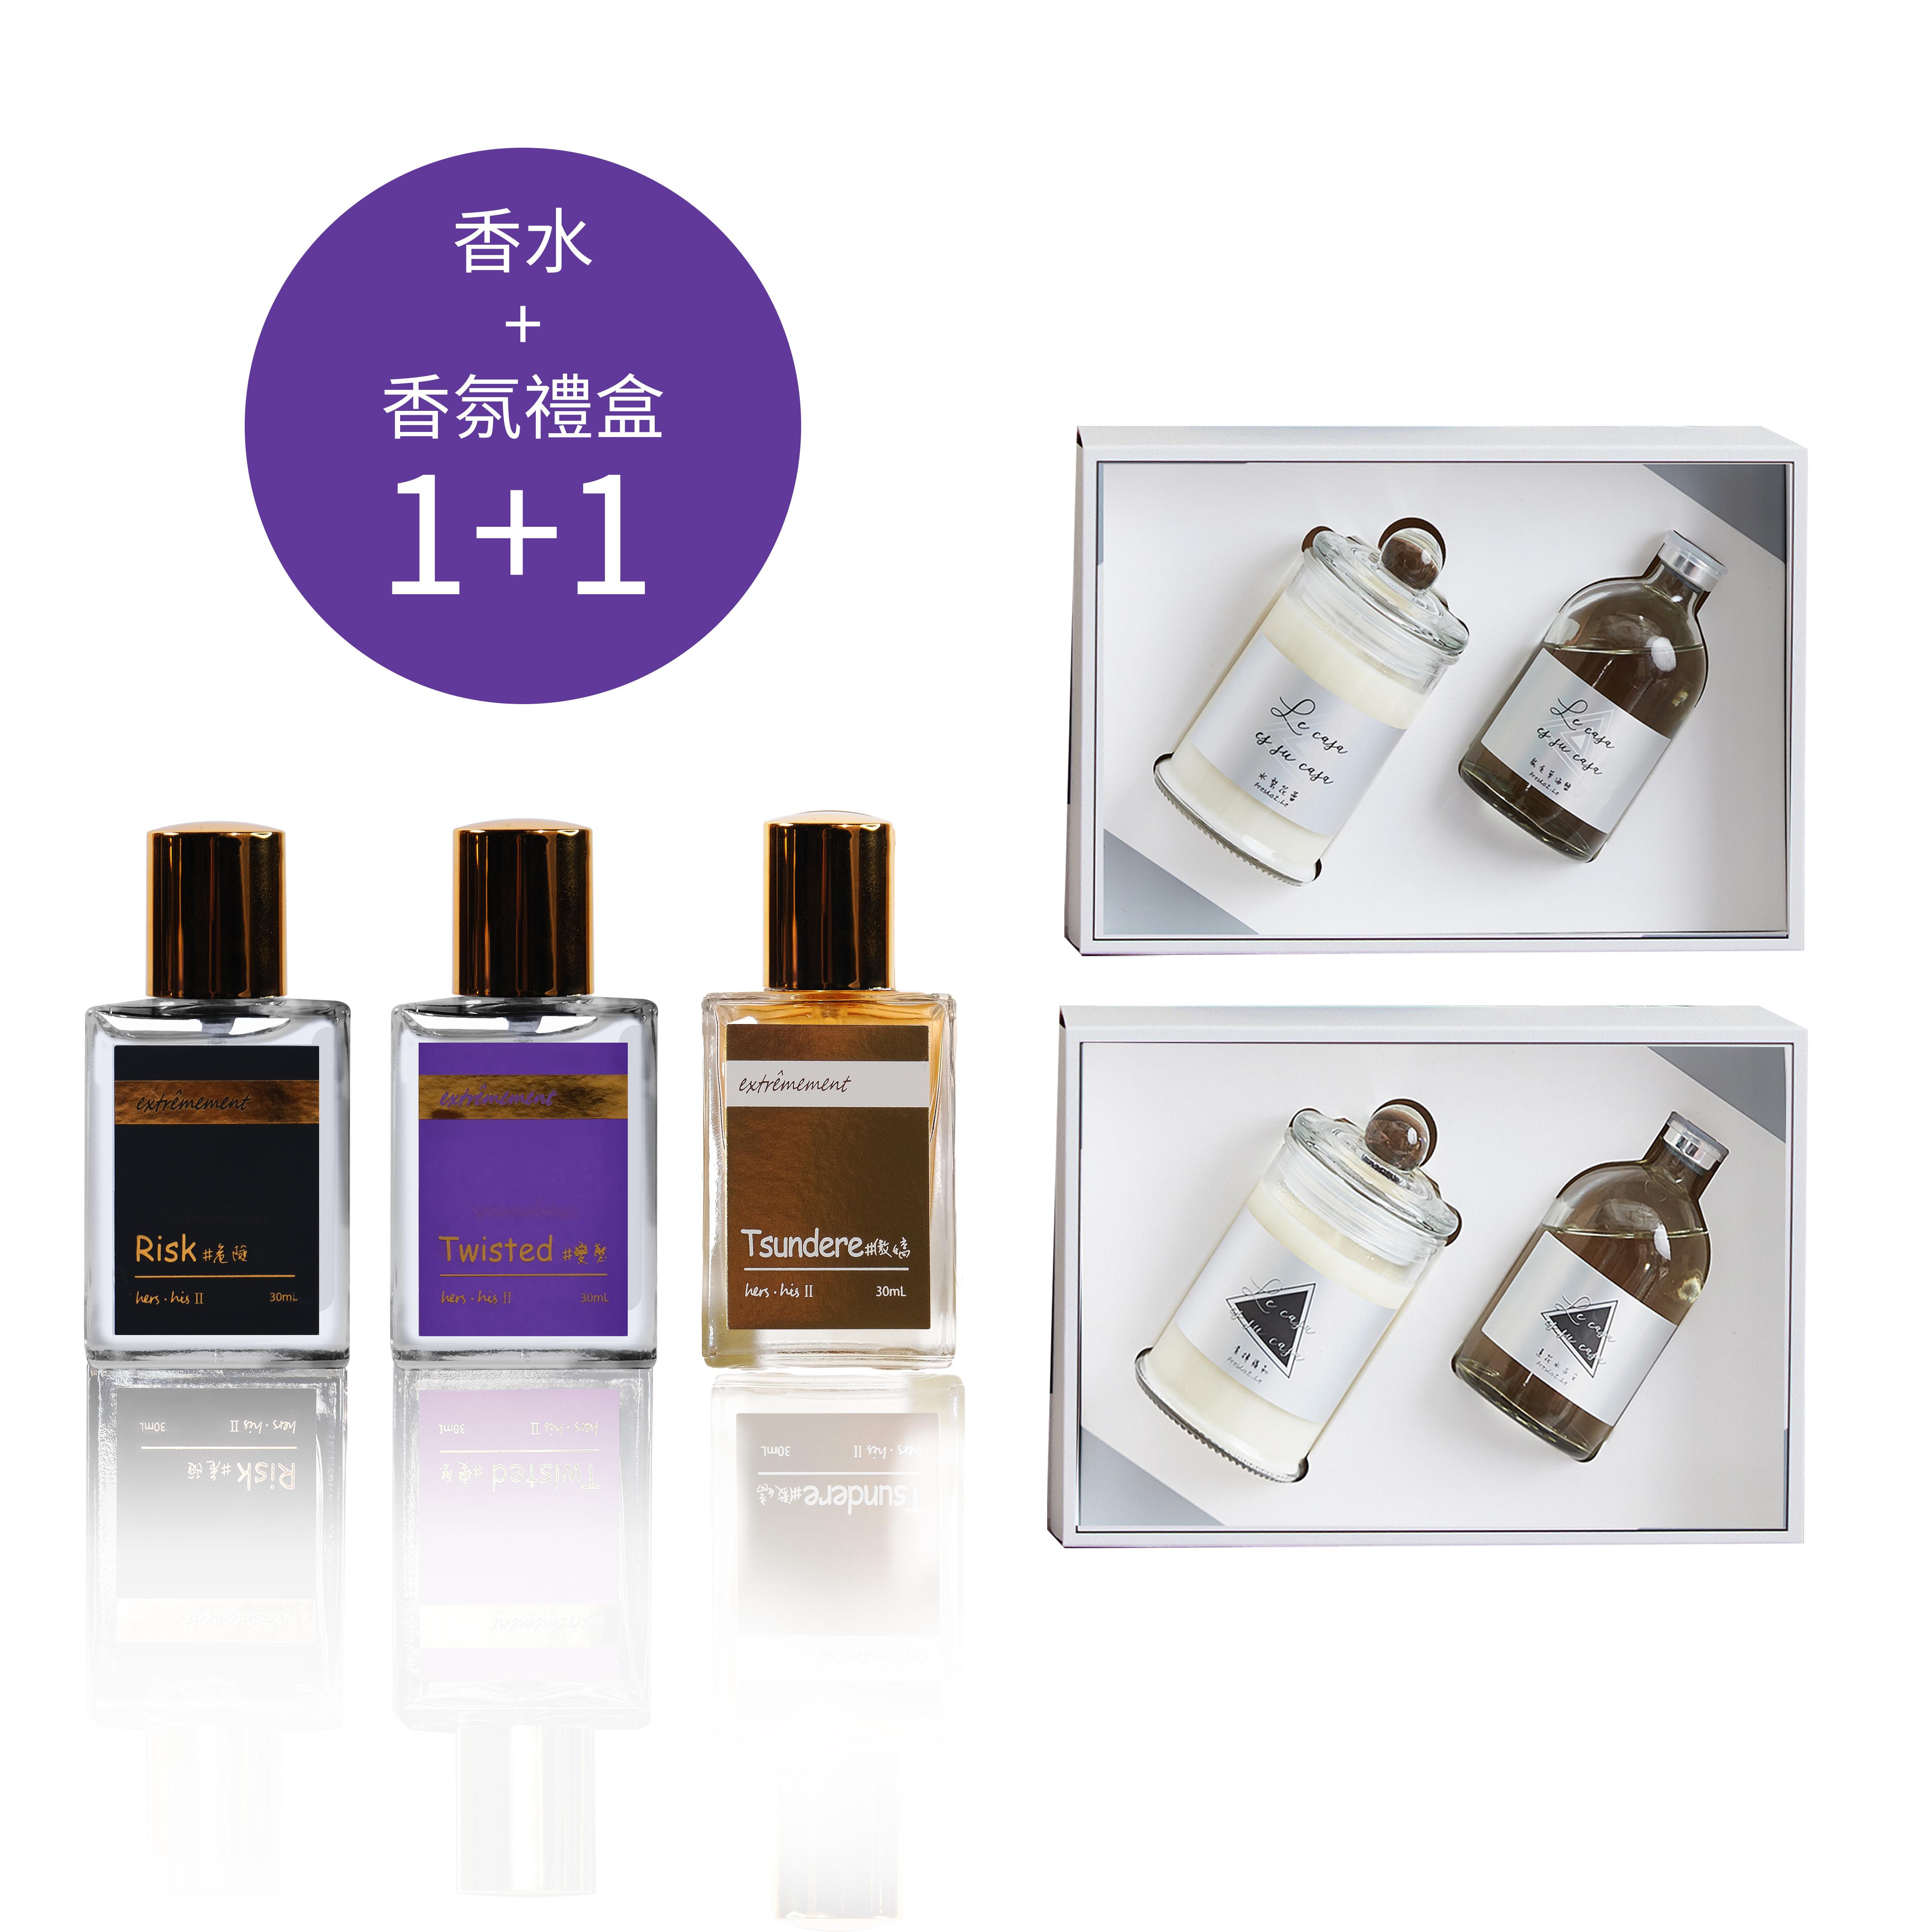 絕對領域香水 × Le香氛禮盒